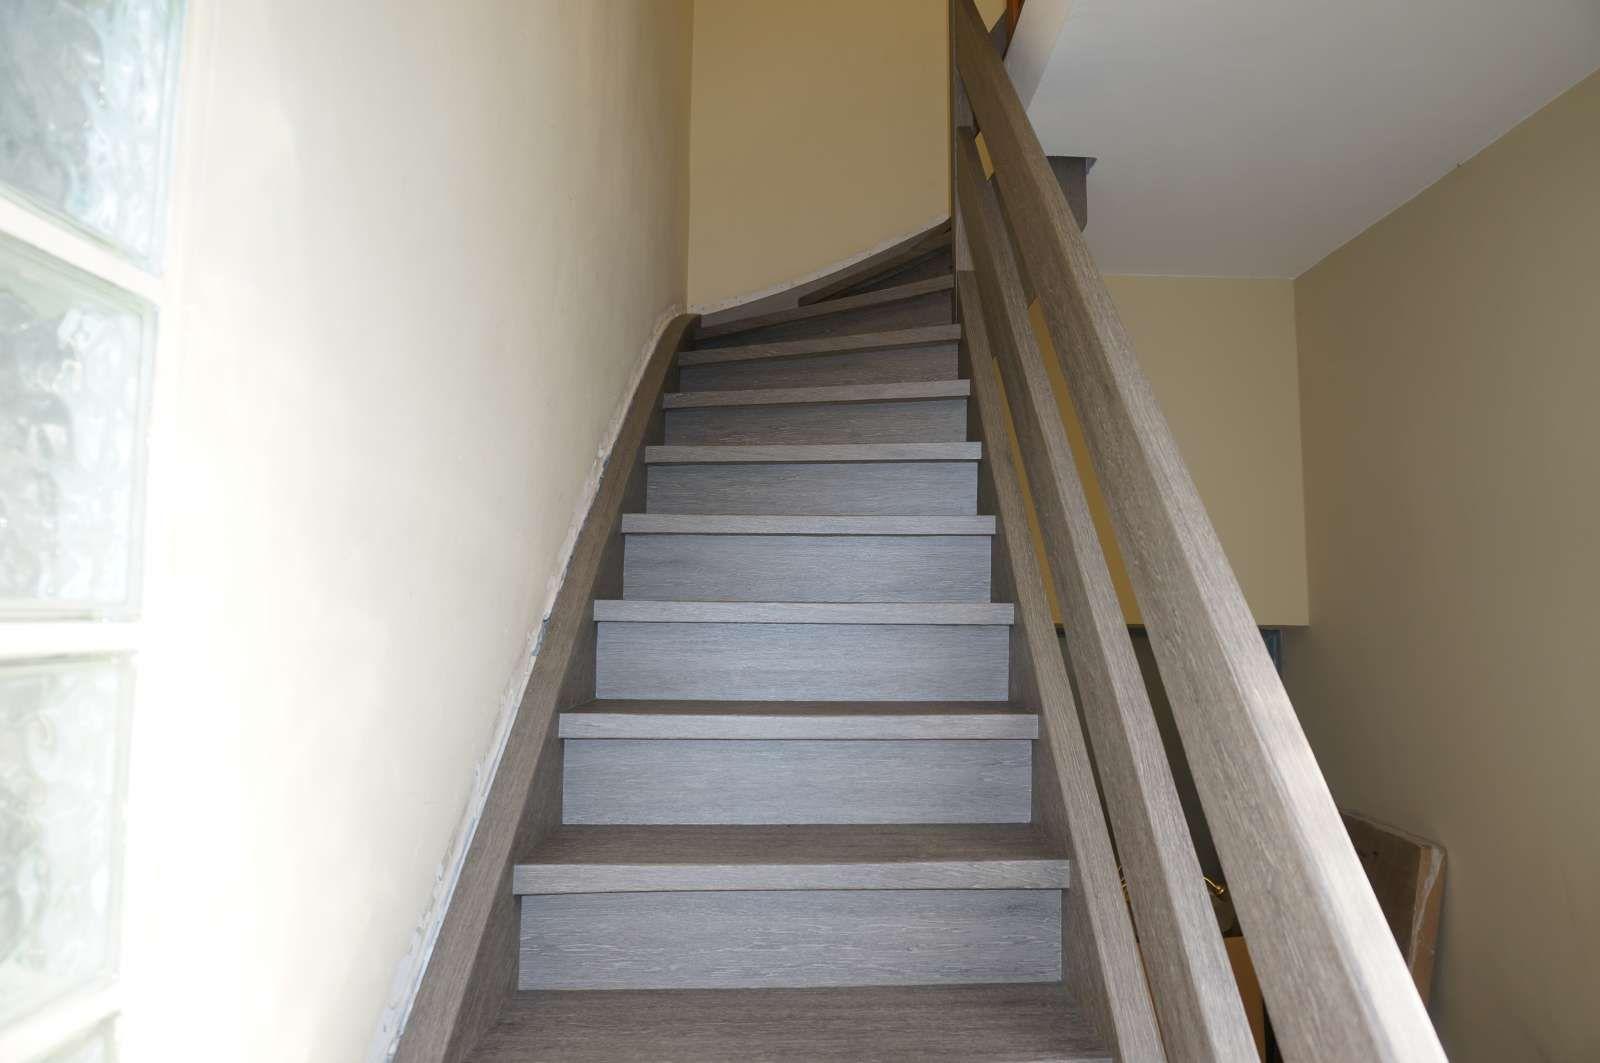 Nachher Treppe Mit Folie Bekleben Treppe Renovieren Treppenrenovierung Treppenhaus Streichen